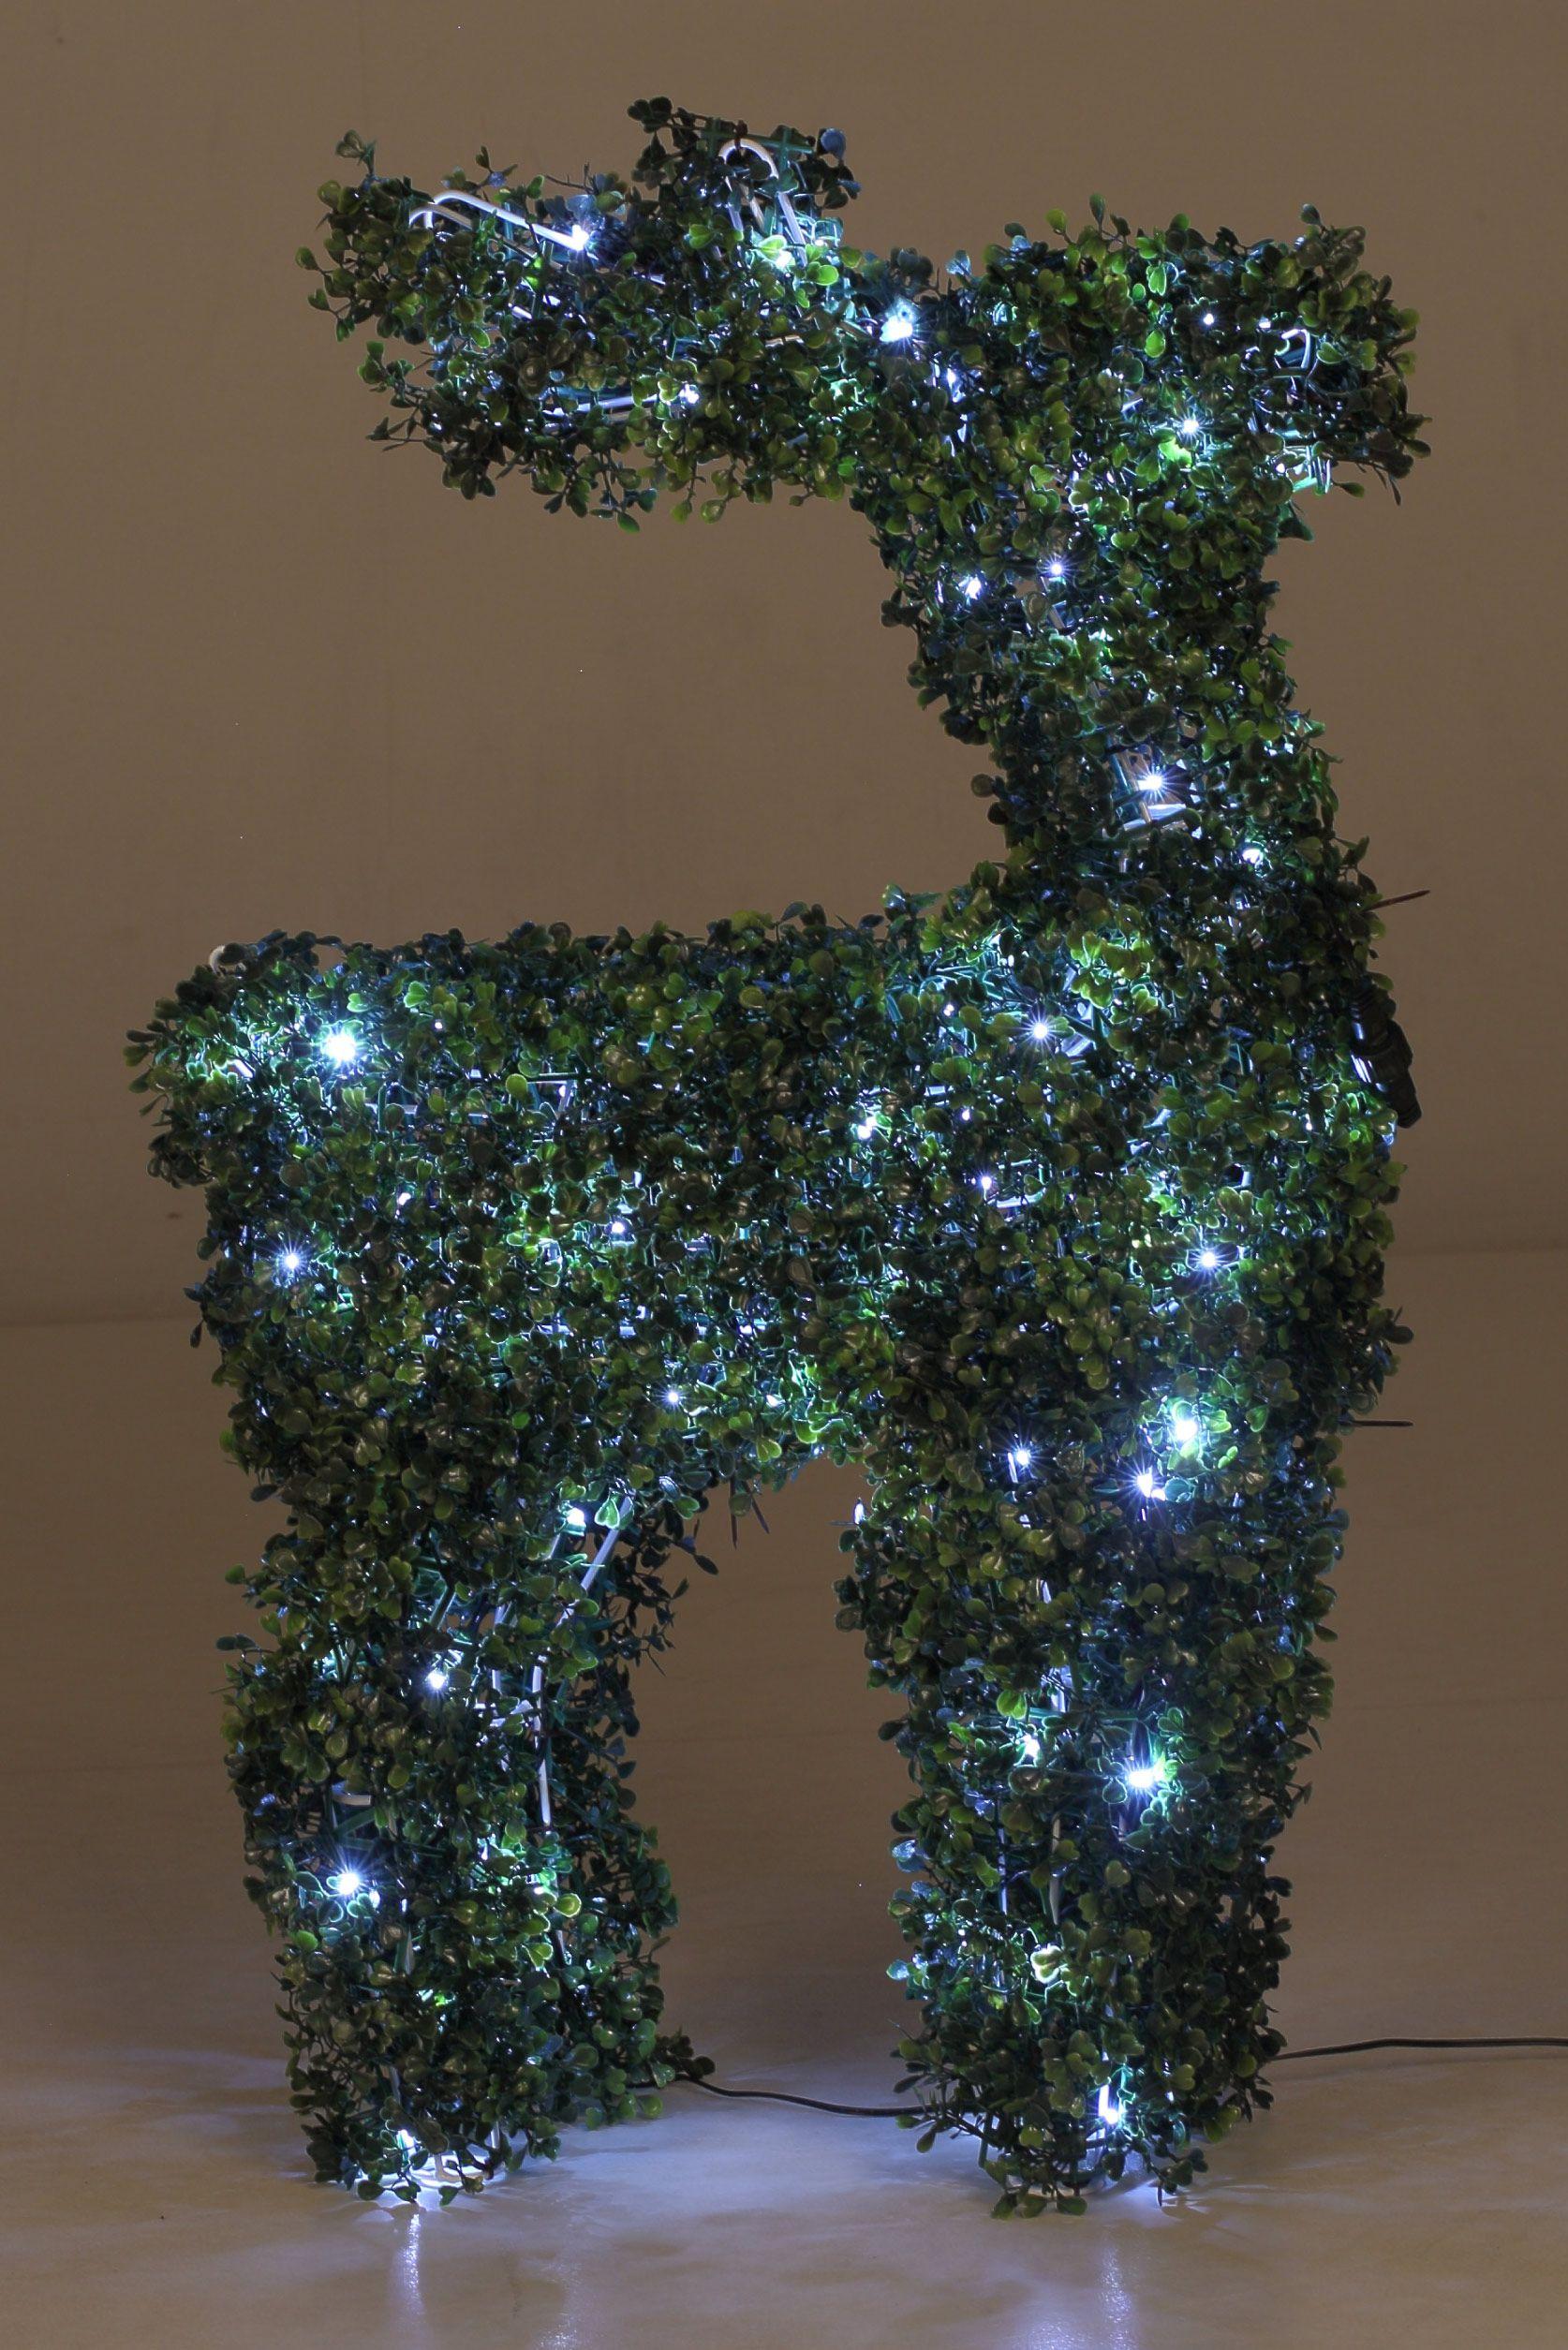 Beleuchtete Christbaumkugeln.Weihnachtsdeko Beleuchtet Rentier Figur 82 Cm Hoch Als Beleuchtete